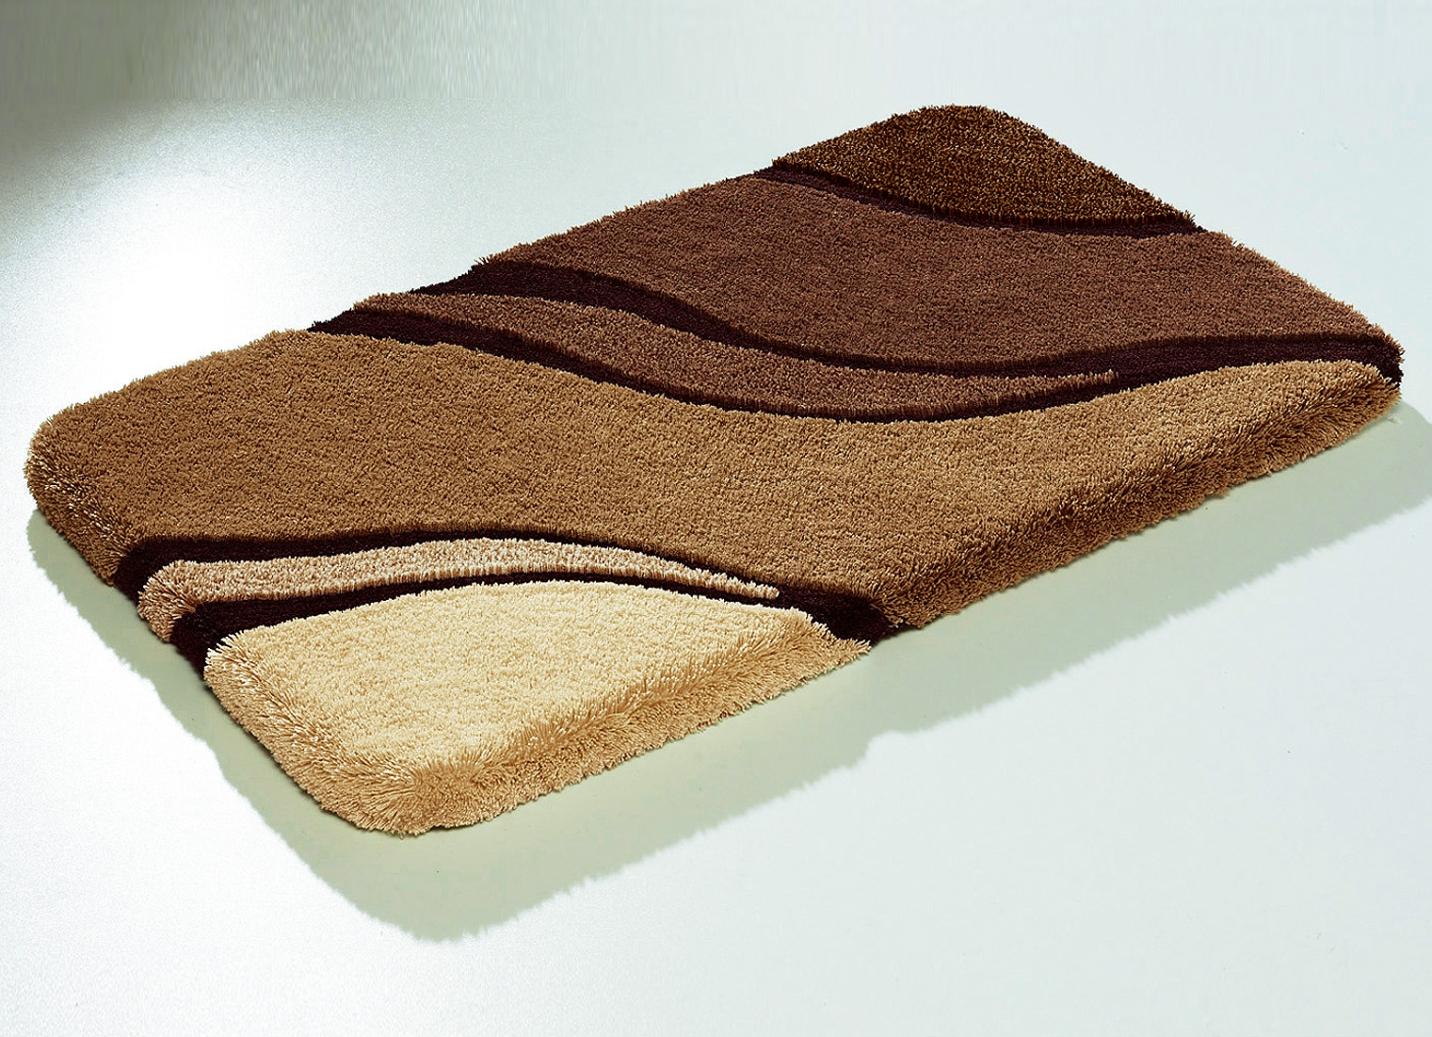 kleine wolke badgarnitur in verschiedenen farben badgarnituren brigitte salzburg. Black Bedroom Furniture Sets. Home Design Ideas